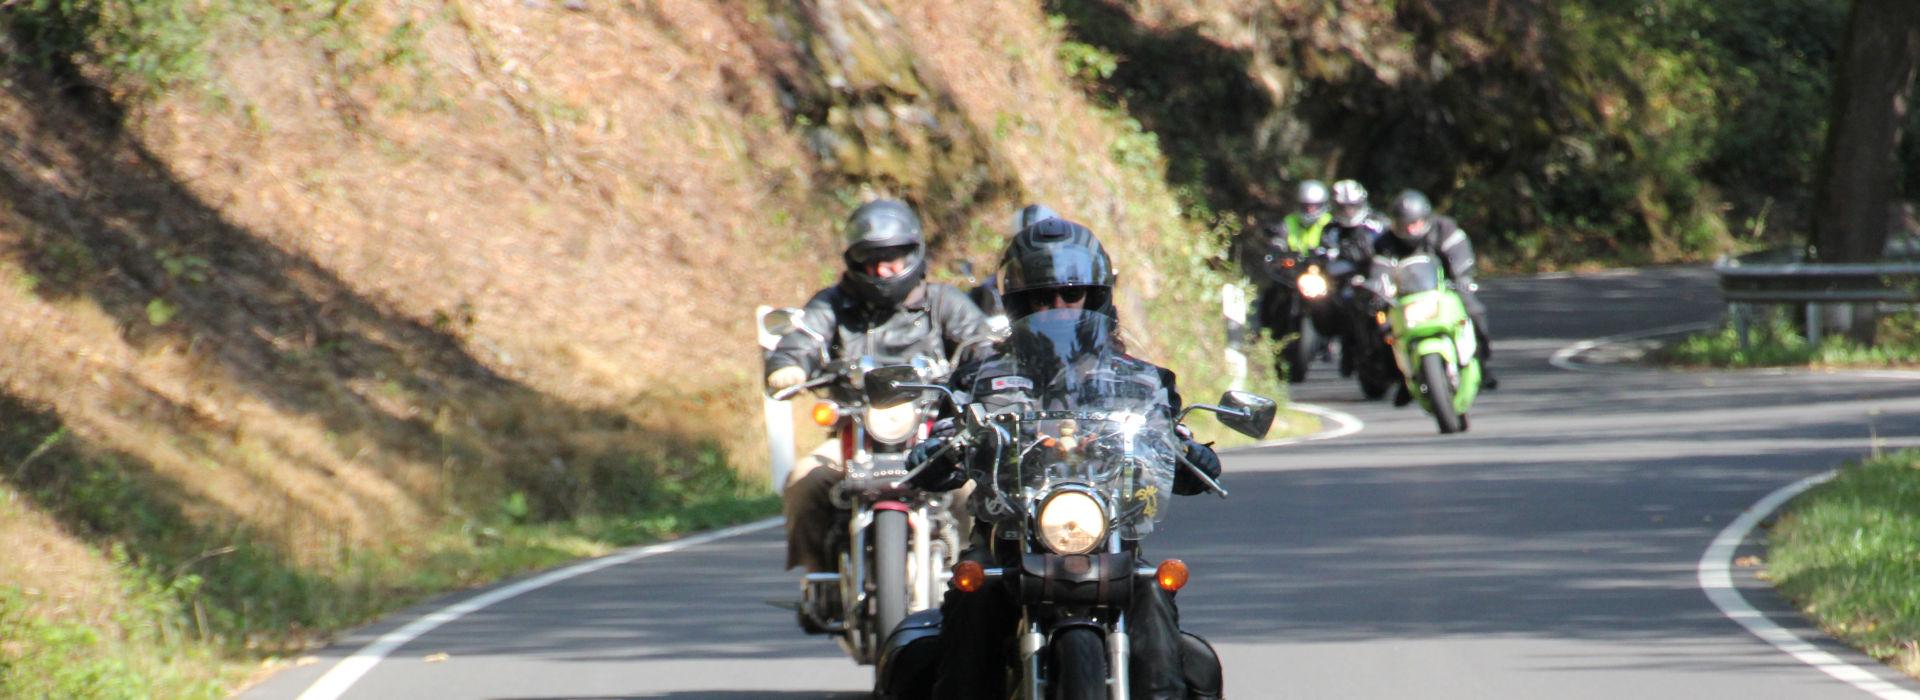 Motorrijbewijspoint Nieuwstadt spoed motorrijbewijs